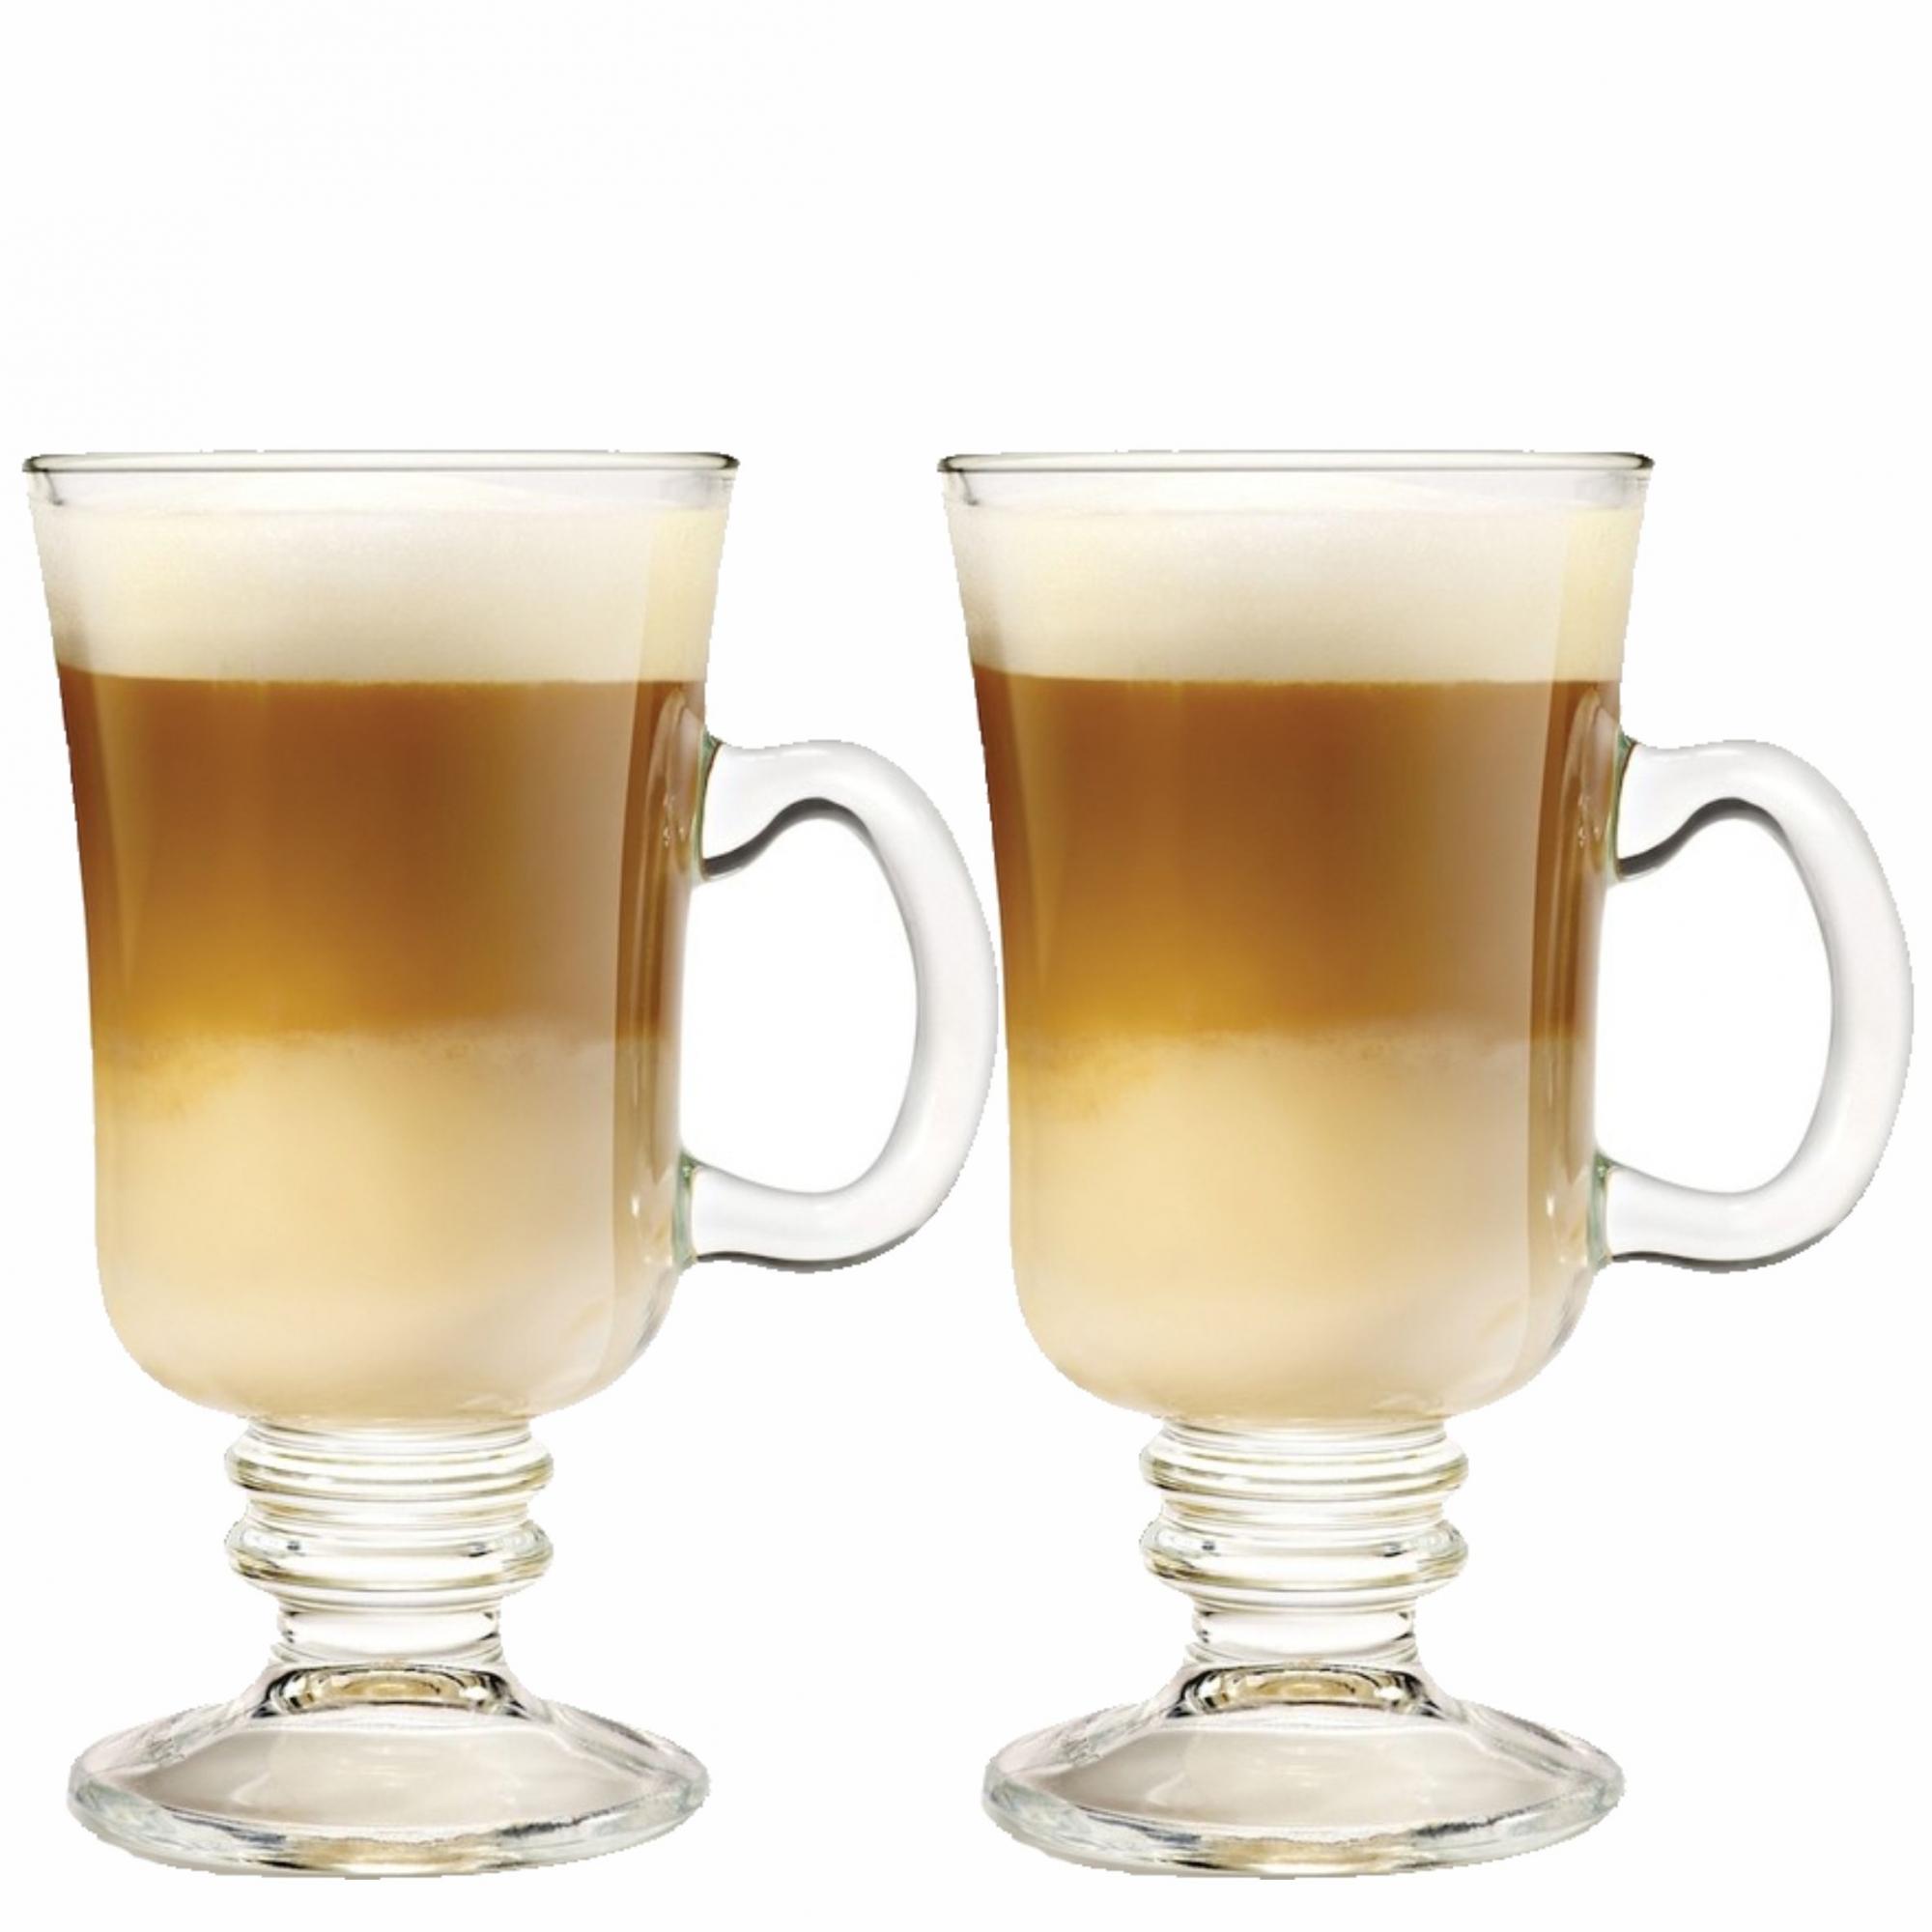 Kit 2 Taças de Vidro para Cappuccino Grande 230ml